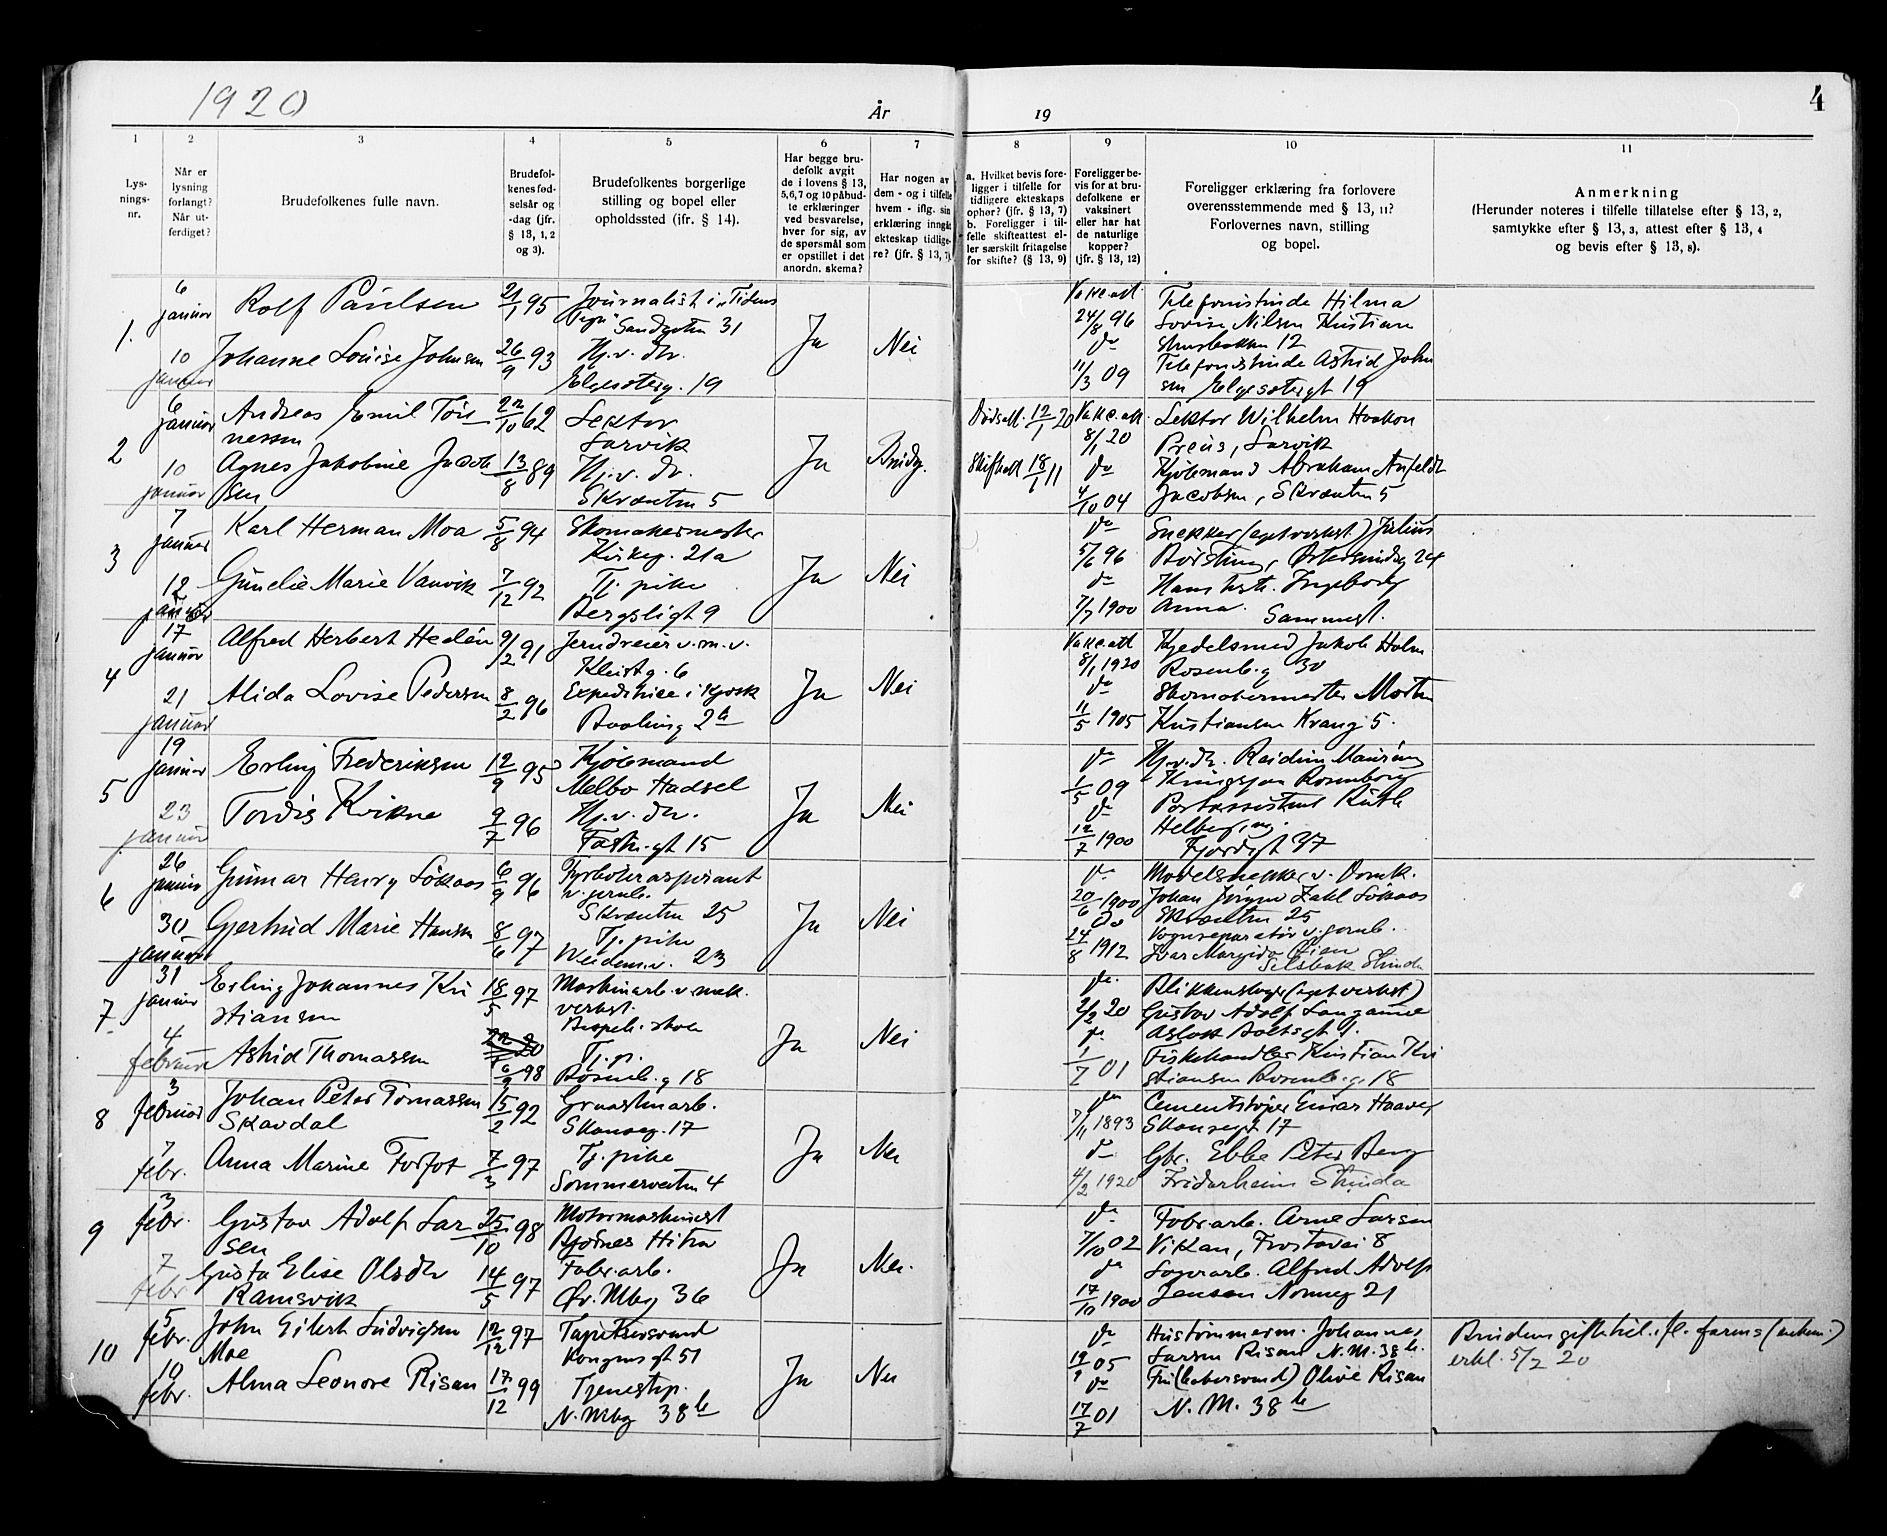 SAT, Ministerialprotokoller, klokkerbøker og fødselsregistre - Sør-Trøndelag, 604/L0196: Lysningsprotokoll nr. 604A17, 1919-1927, s. 4